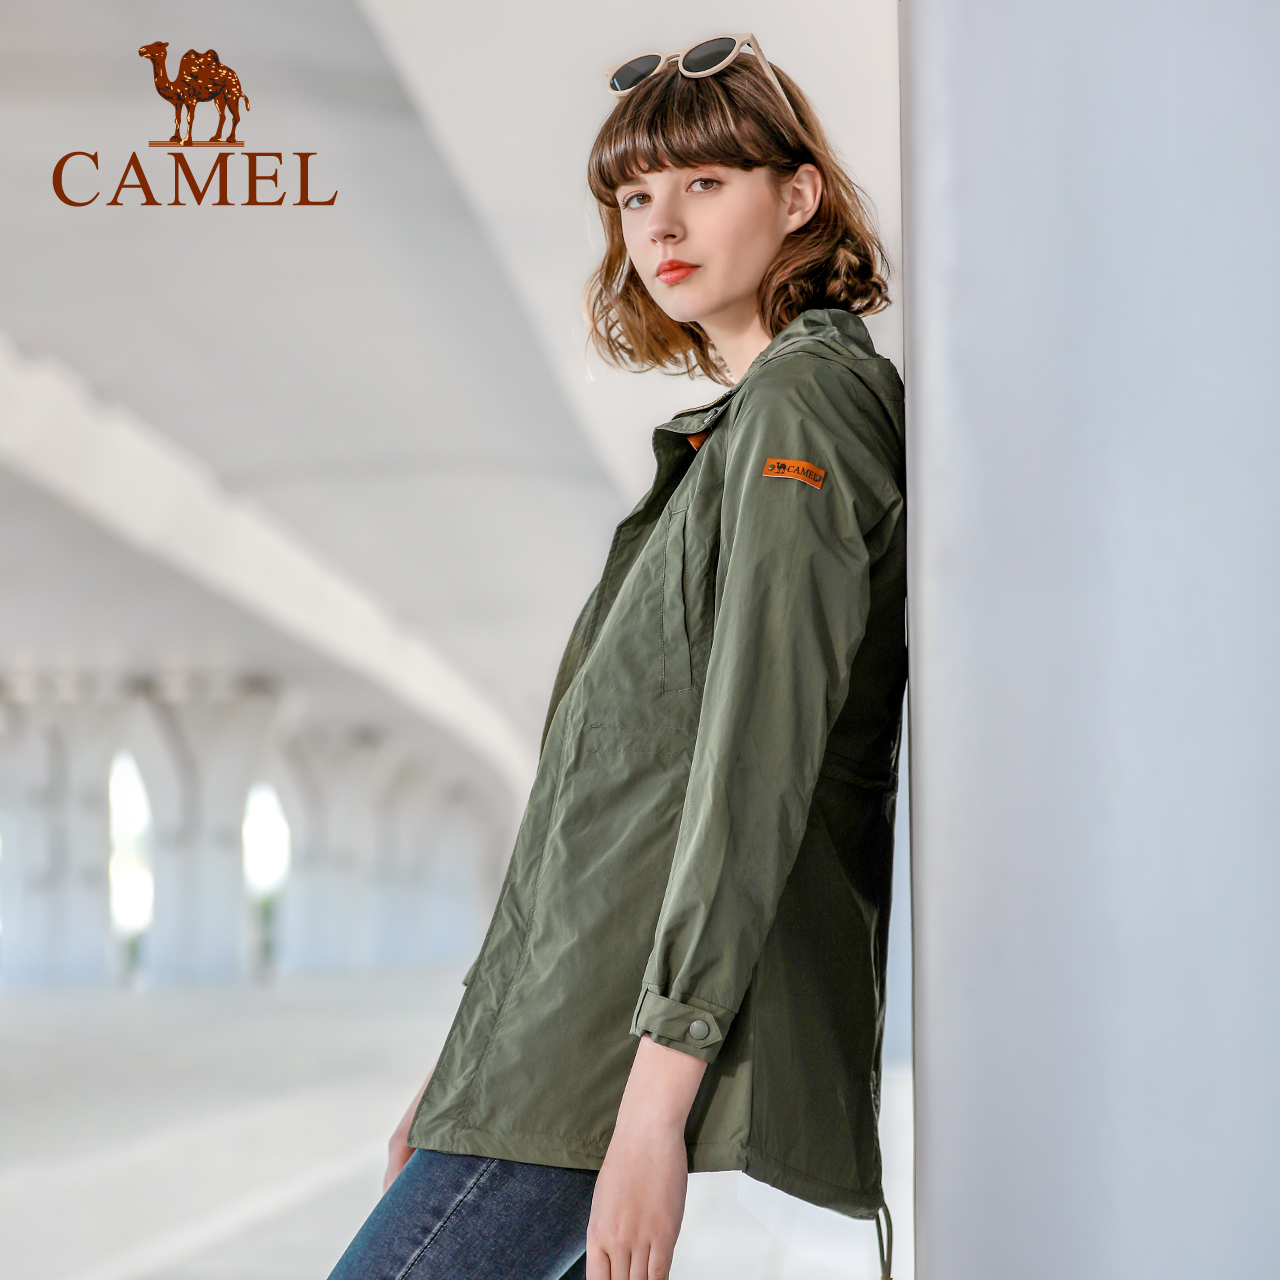 骆驼户外时尚冲锋衣女单层薄款潮牌中长外套防风防水四季旅行风衣